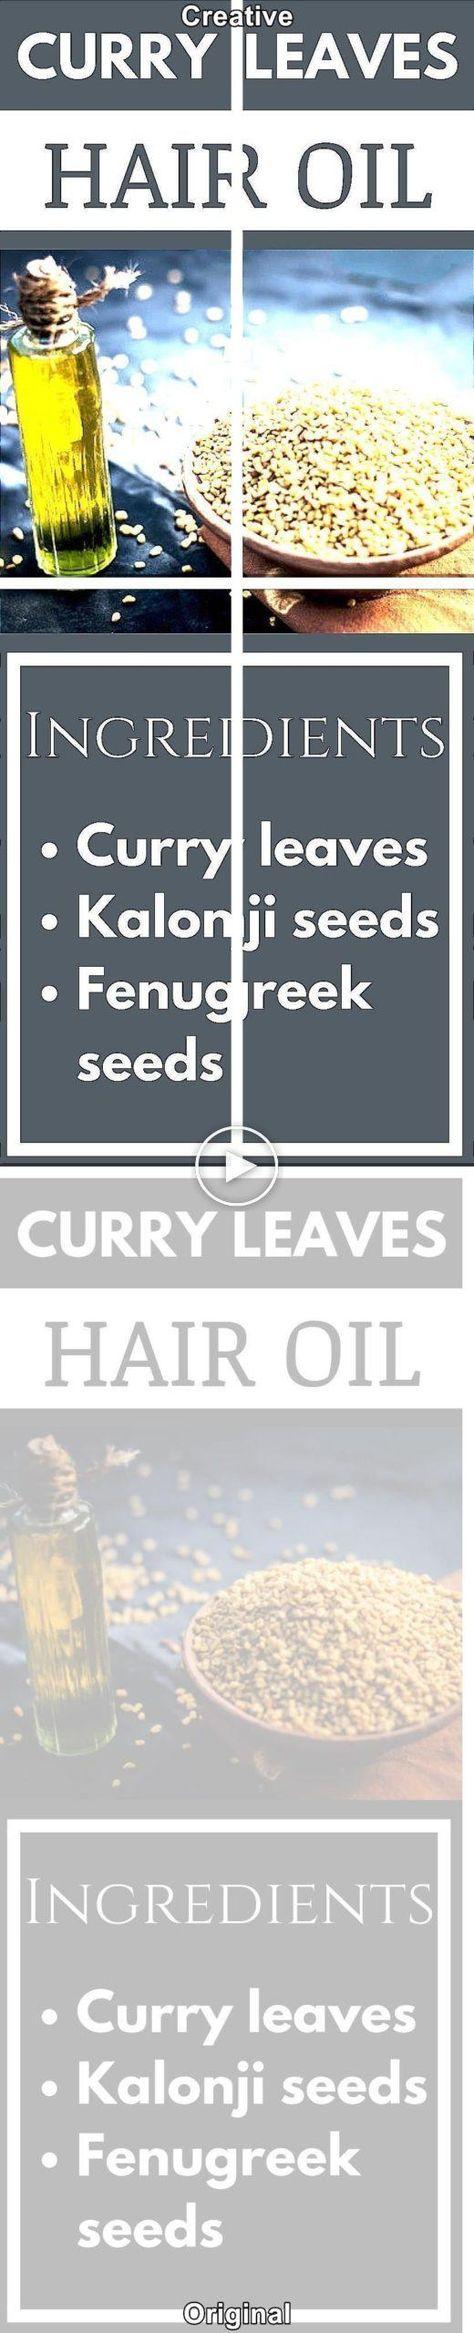 Buenos productos para el cabello para el cabello natural | Peinados naturales fáciles para pr...